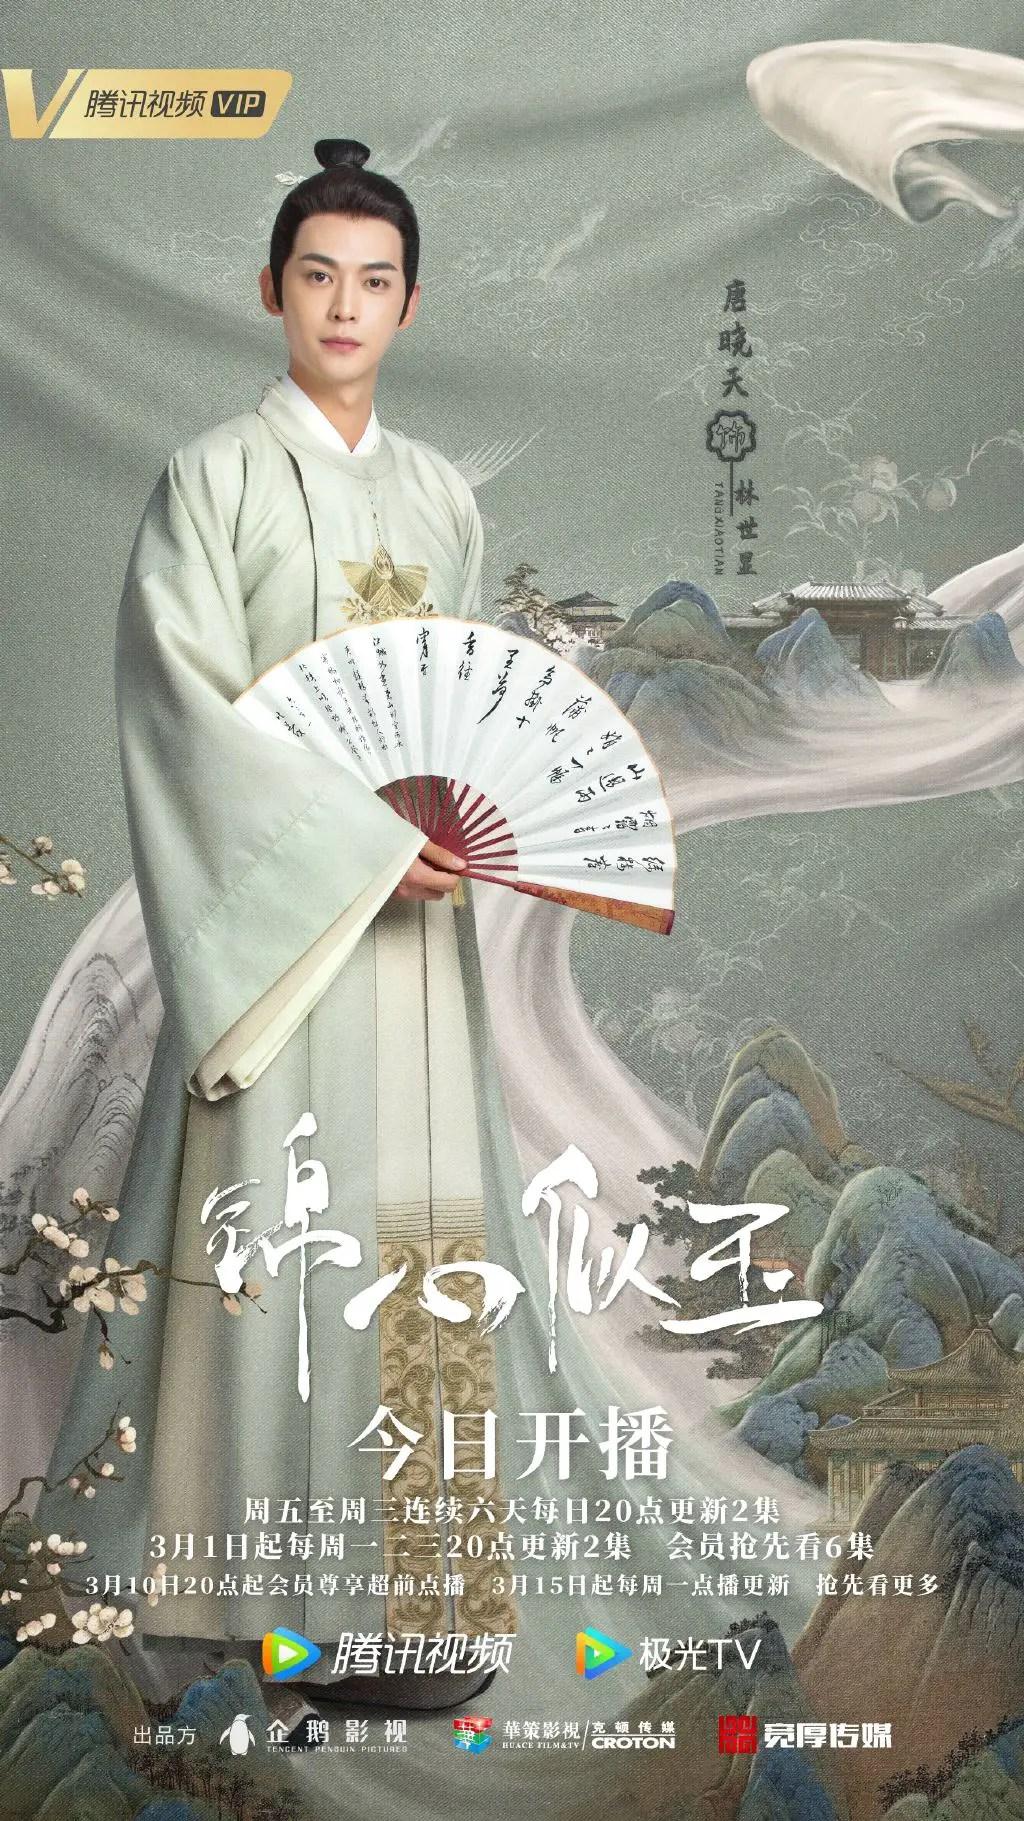 Tang Xiao Tian